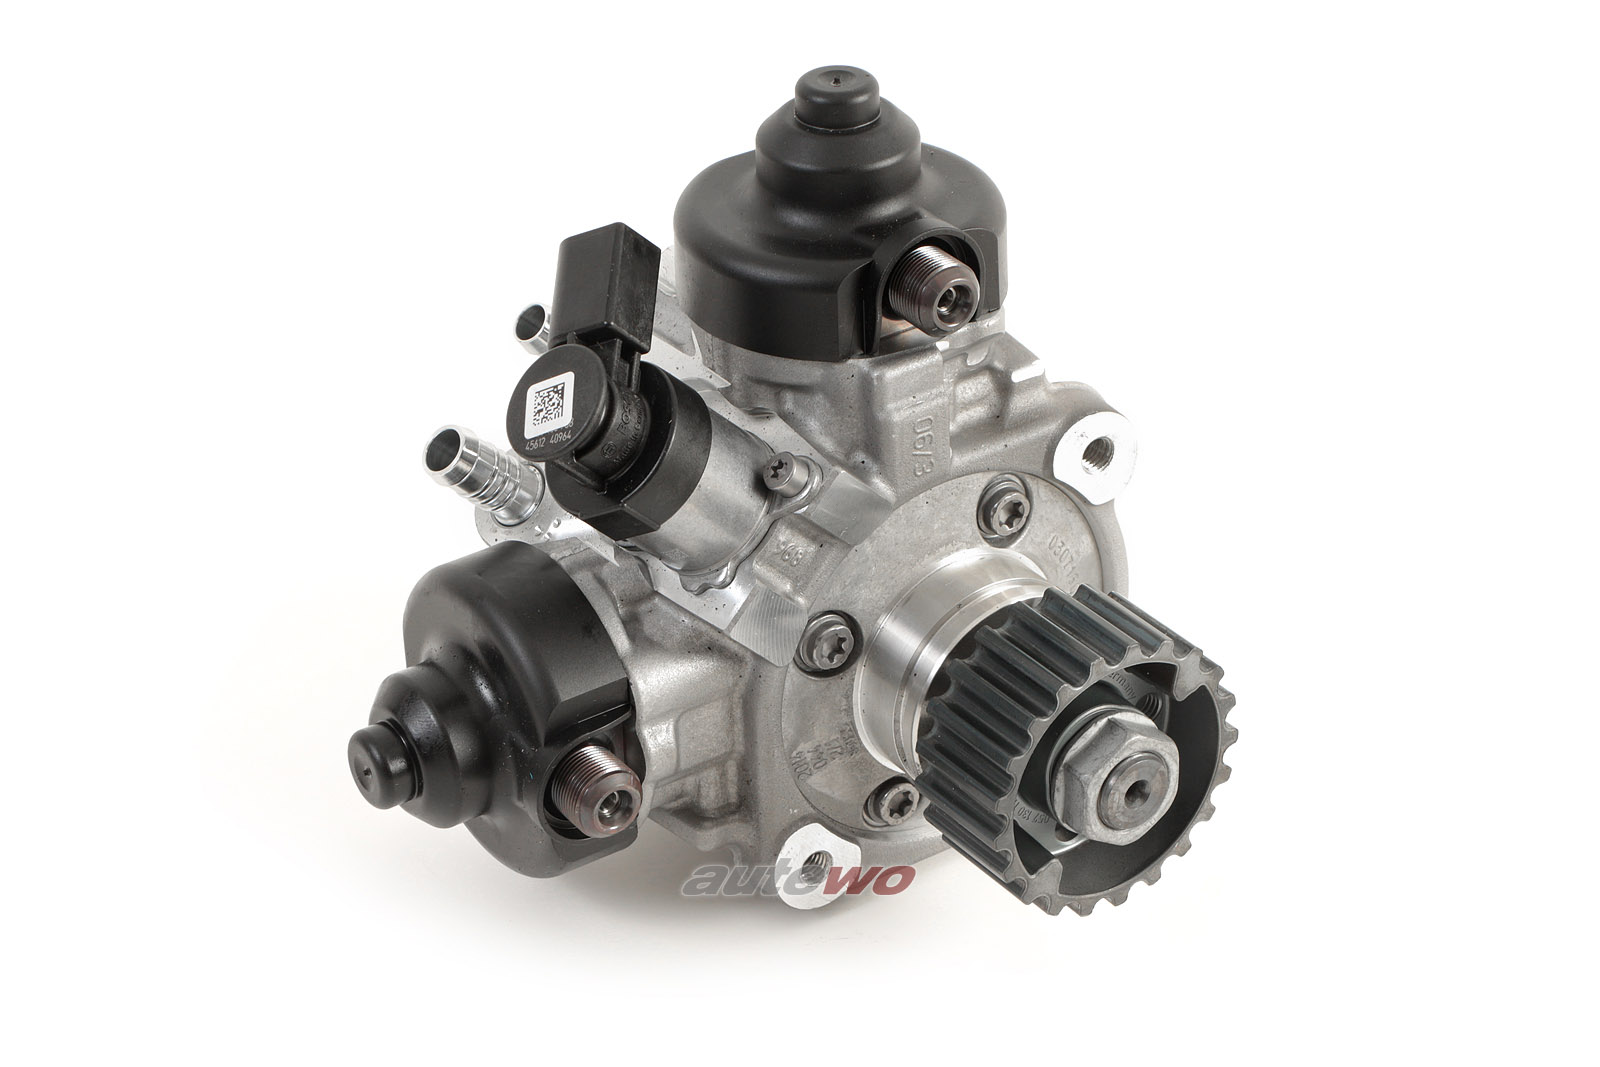 057130755AE NEU Audi A8 D4/4H 4.2l TDI Hochdruckpumpe